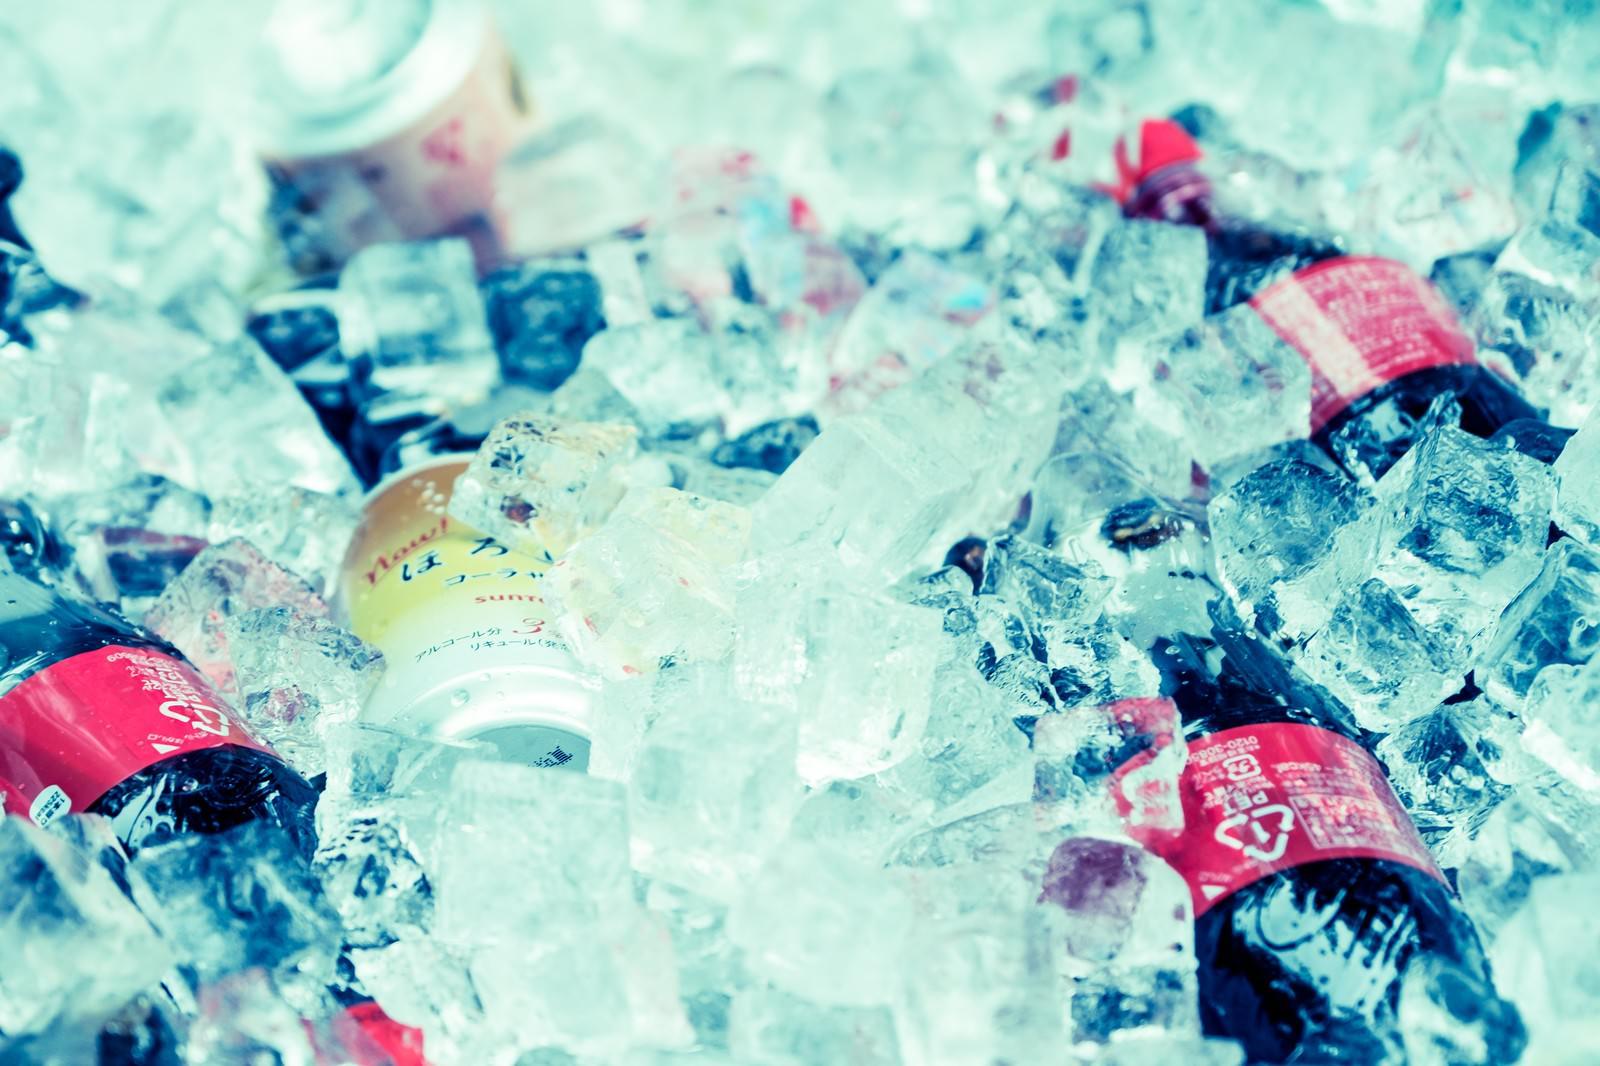 「氷に入ったドリンク」の写真